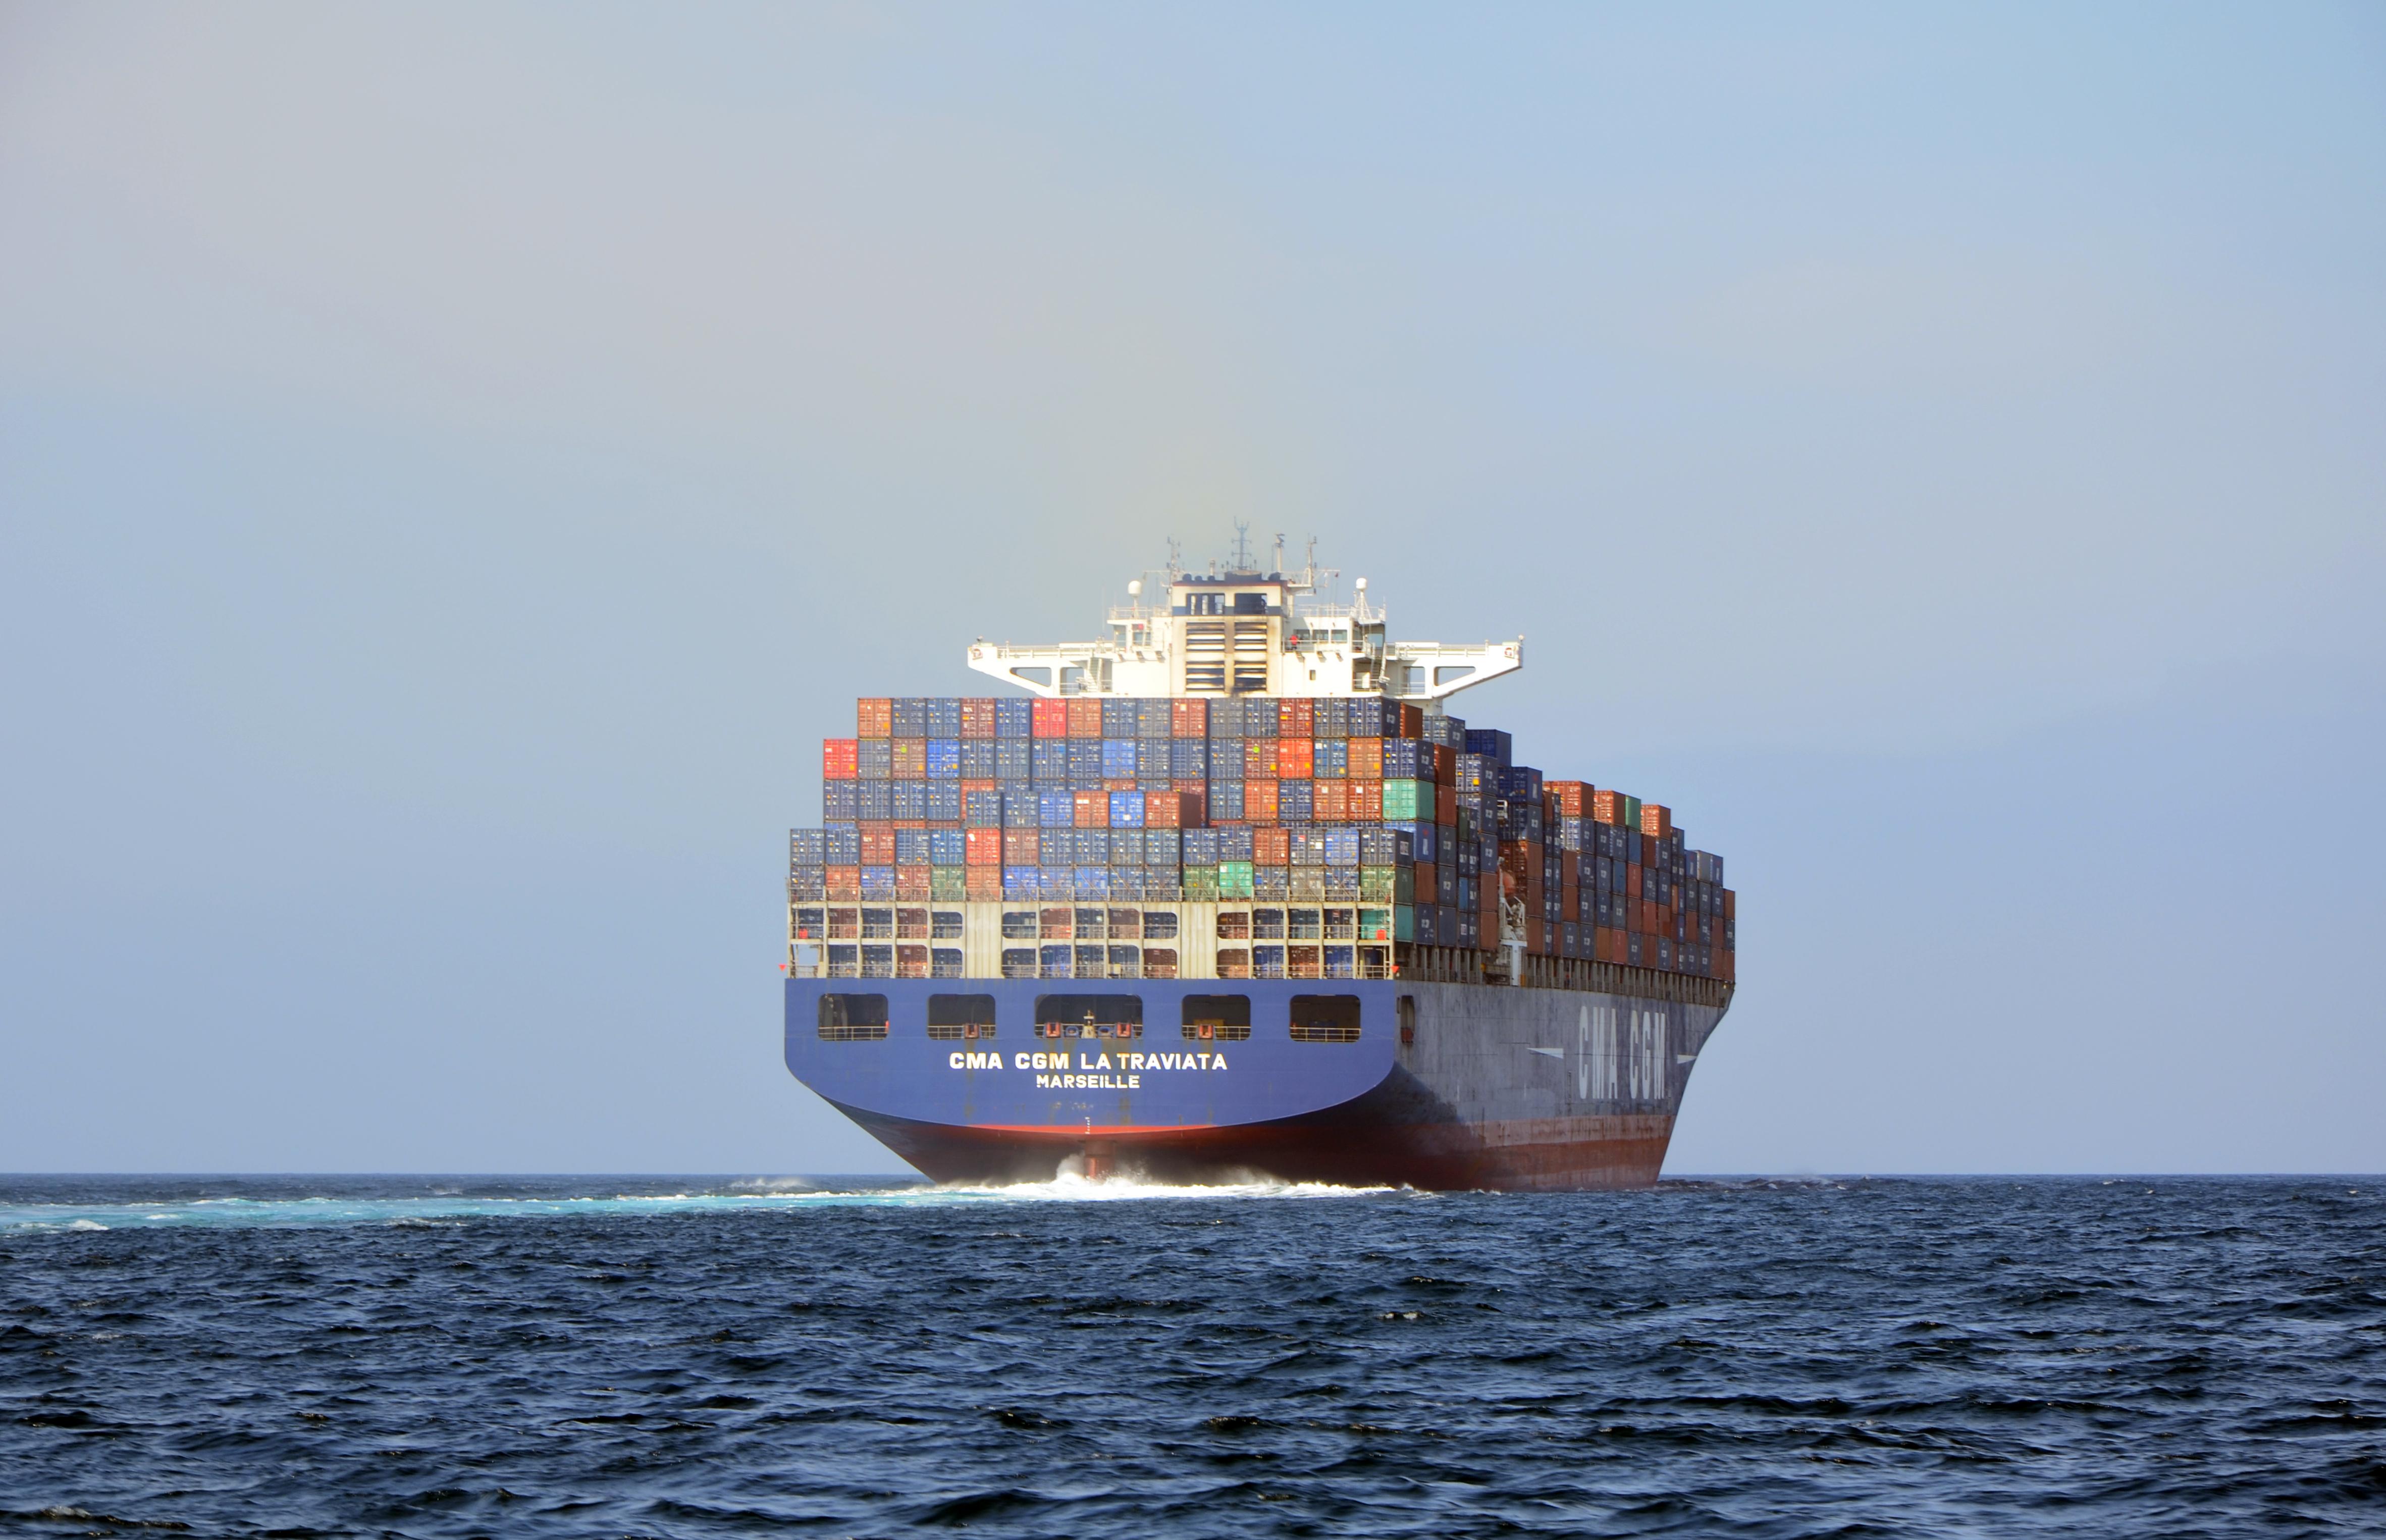 Image d'un porte-conteneurs du groupe CMA CGM qui s'en va au large, exemple de l'industrie maritime mondiale.